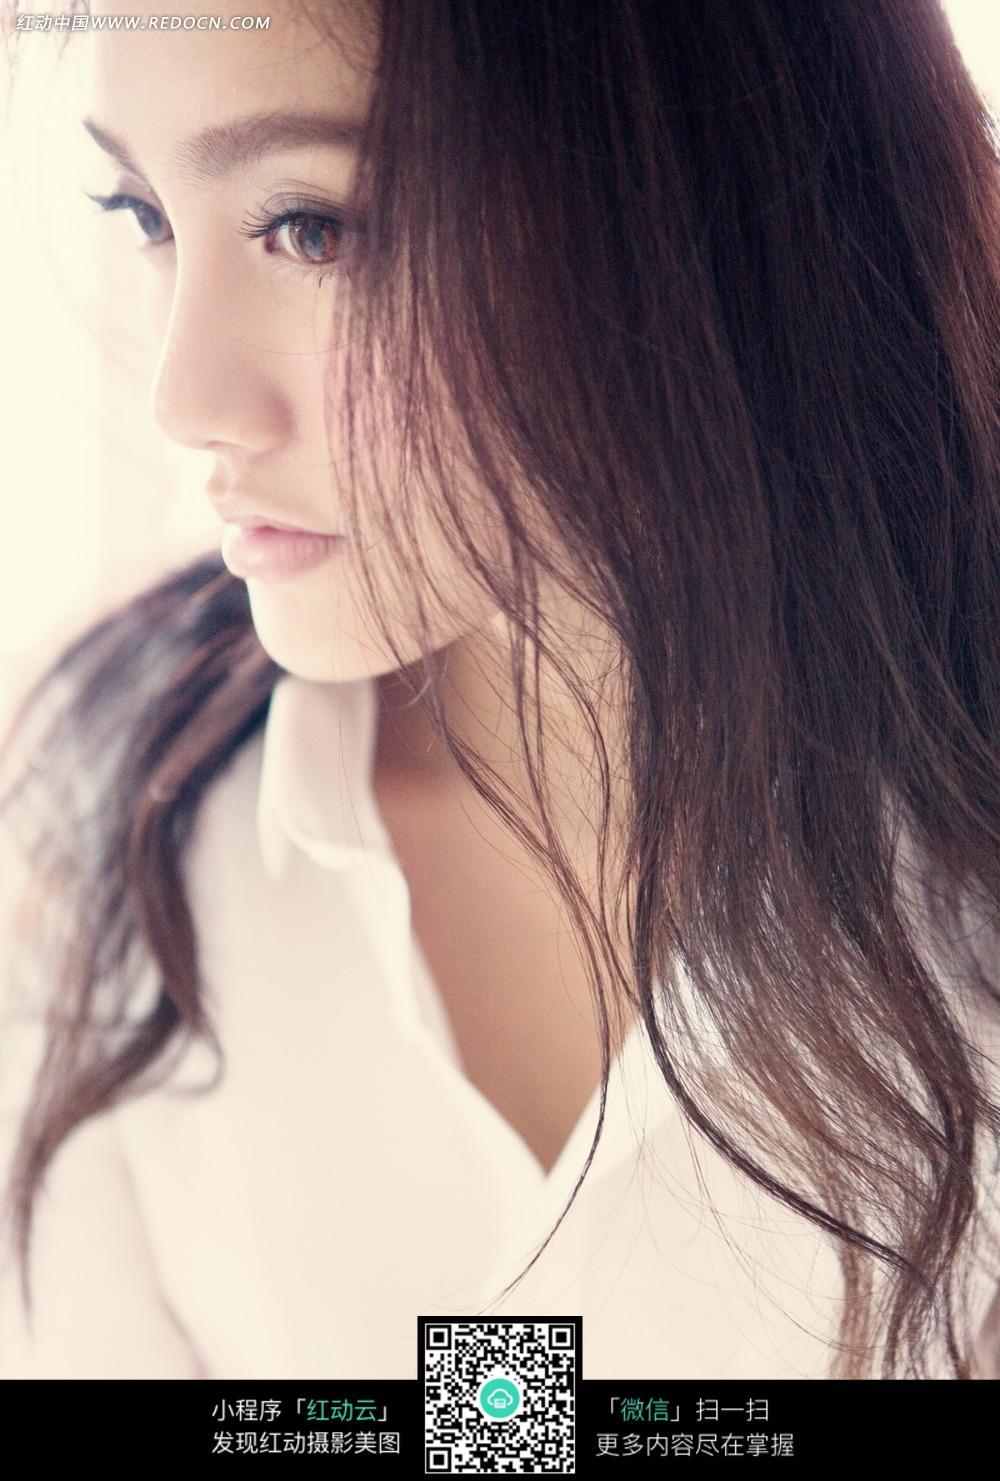 白衬衫长发美女图片